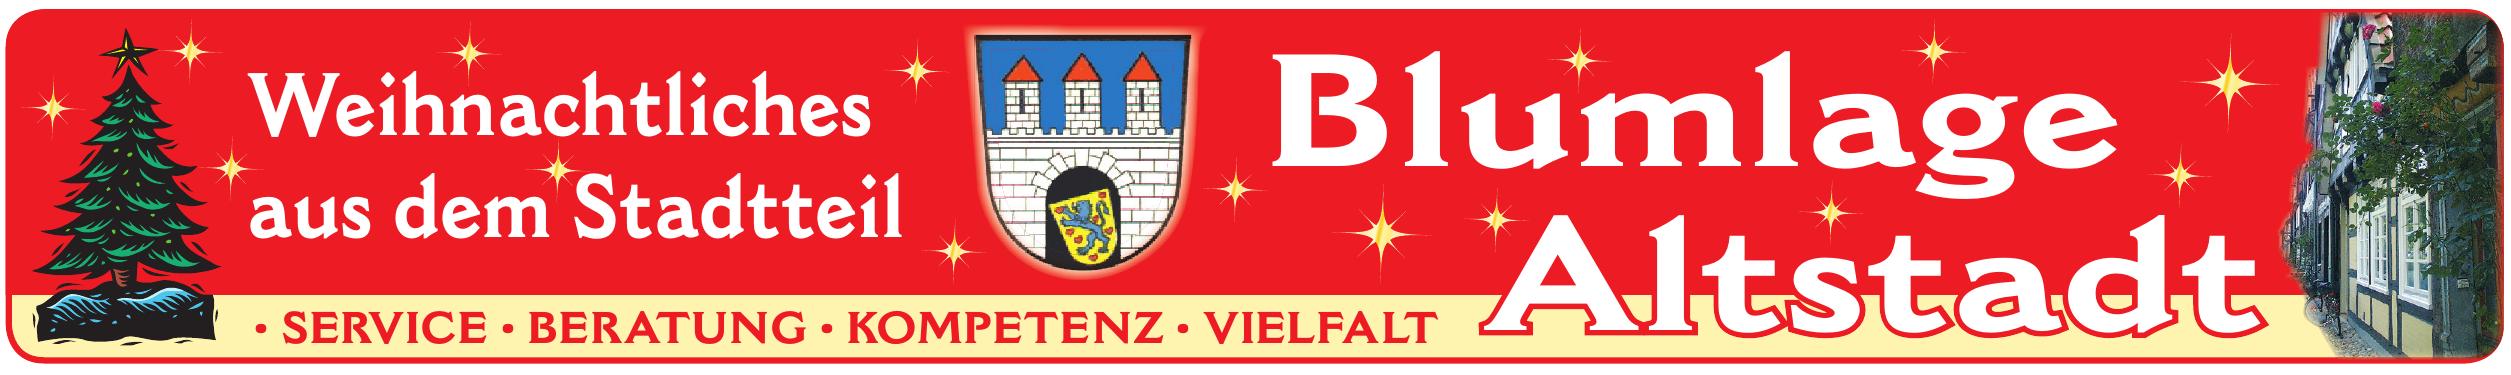 Weihnachtliches aus dem Stadtteil Blumlage Altstadt Image 1